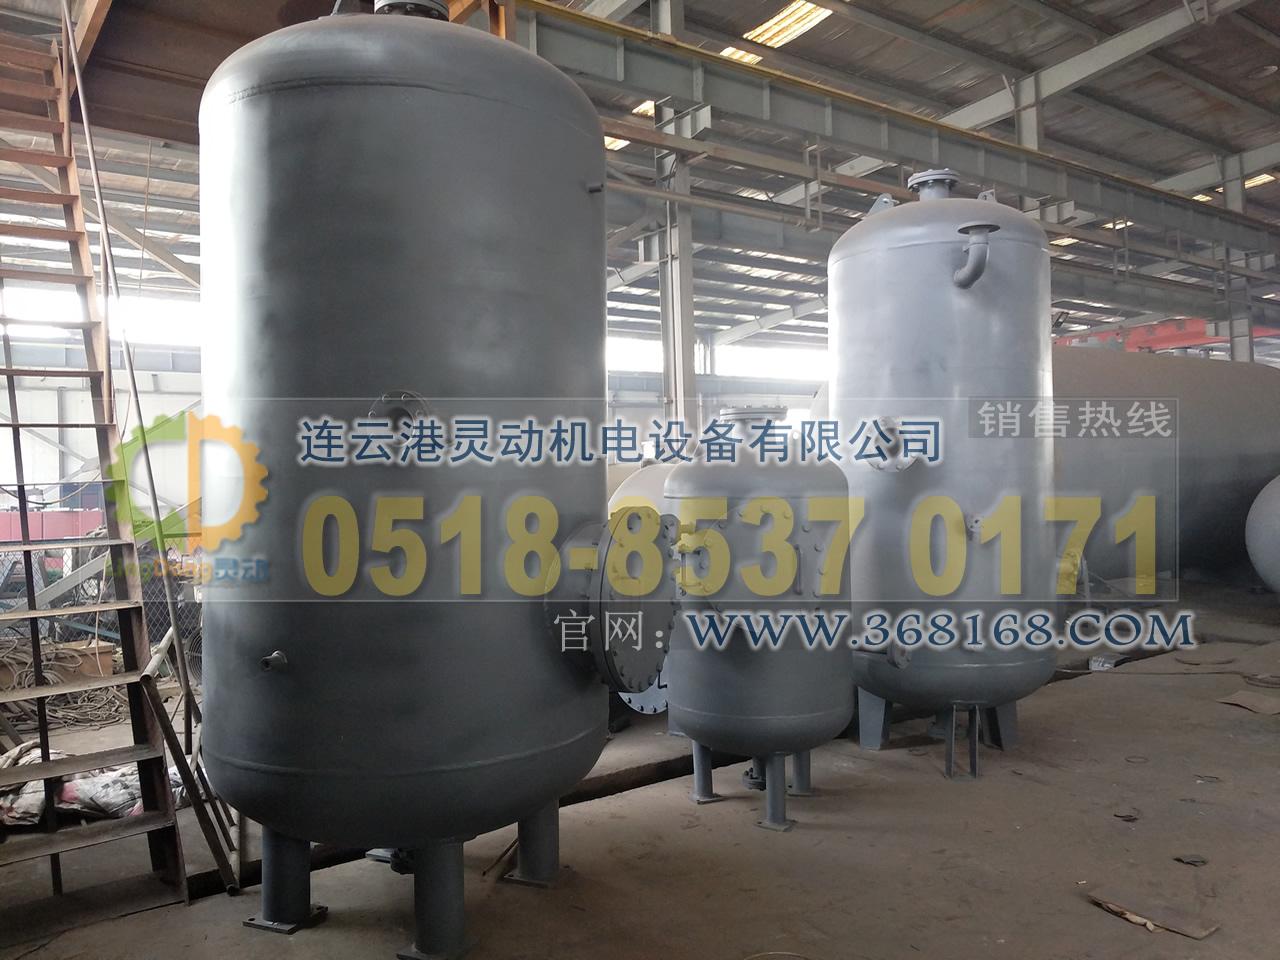 排污膨胀器制造,定期排污膨胀器厂家,锅炉排污扩容器生产厂家